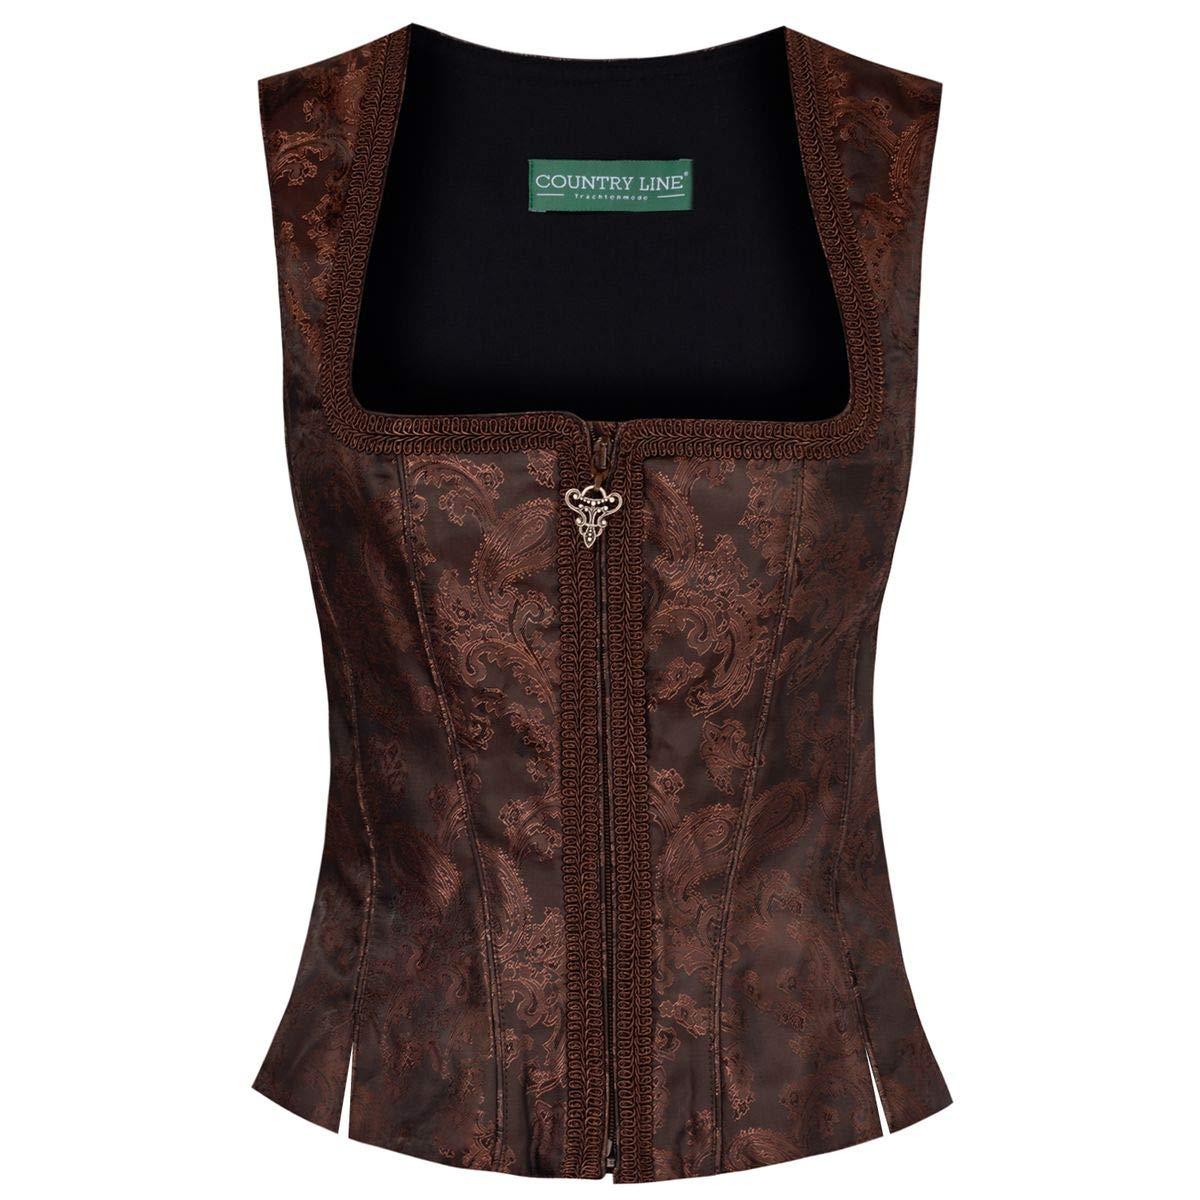 Country Line Damen Trachten-Mode Mieder Elvira in Braun Traditionell Größe:32 Farbe:Braun